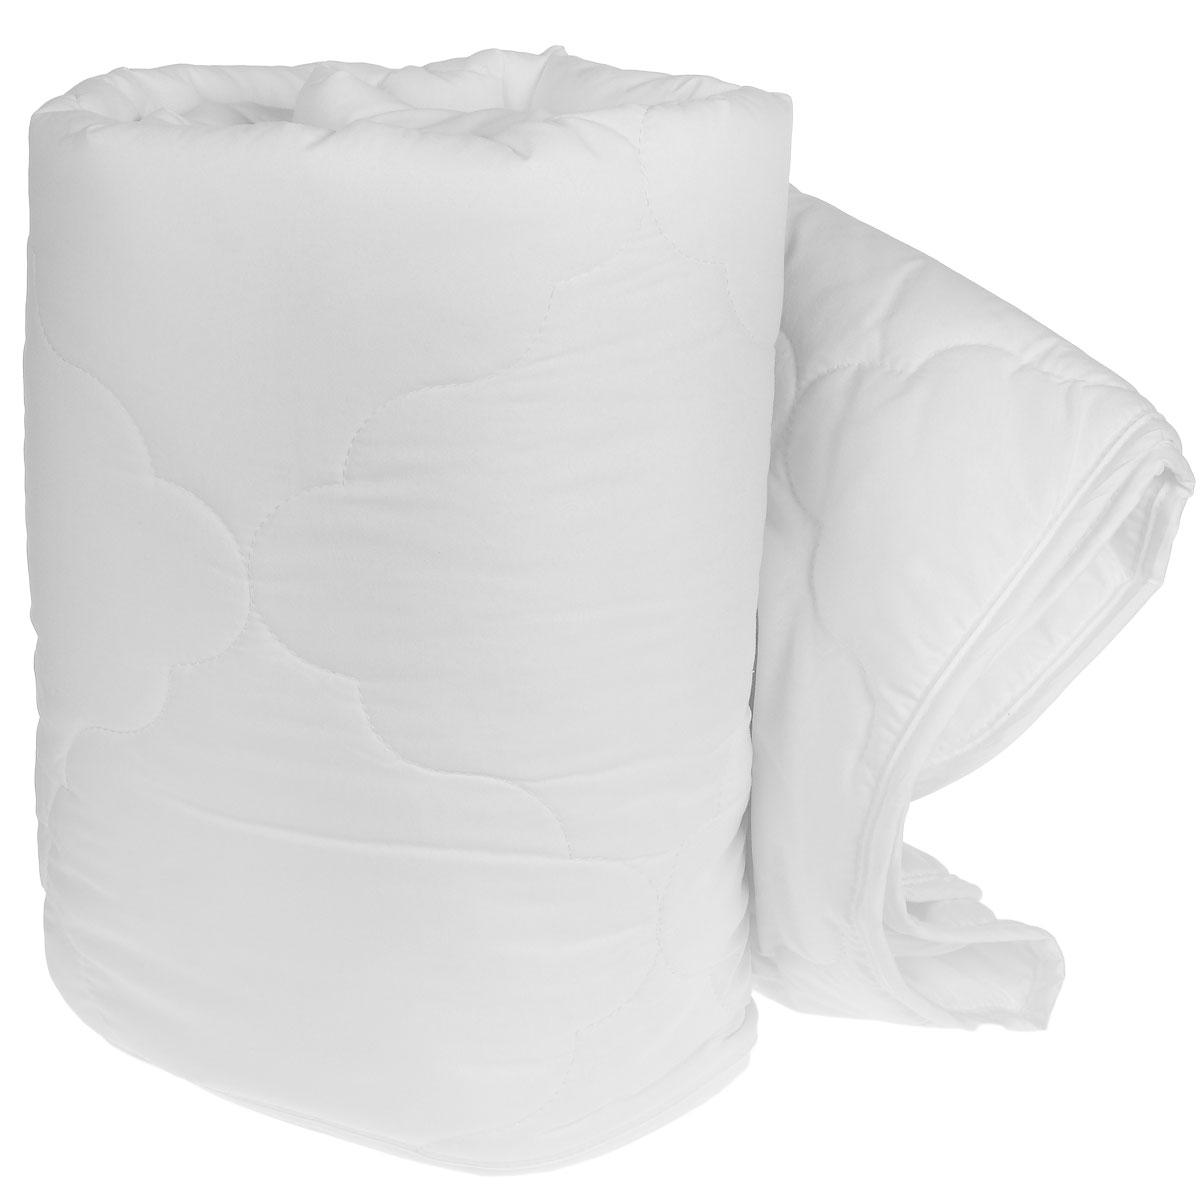 Одеяло легкое Green Line, наполнитель: бамбуковое волокно, цвет: белый, 140 см х 205 см1.645-370.0Легкое одеяло Green Line подарит незабываемое чувство комфорта и уюта во время сна. Верх выполнен из ткани нового поколения из микрофиламентных нитей Ultratex. Внутри - наполнитель из бамбукового волокна. Это экологически чистый натуральный материал, который позаботится о вашем здоровье и подарит комфортный сон. Бамбук обеспечивает антибактериальную защиту и имеет оптимальную терморегуляцию. Стежка и кант по краю не позволяют наполнителю скатываться и равномерно удерживают его внутри. Одеяло легкое и тонкое - оно идеально подойдет для лета, под ним будет прохладно и комфортно спать в жару. Рекомендации по уходу: - ручная и машинная стирка при температуре 30°С, - не отбеливать, - нельзя отжимать и сушить в стиральной машине, - не гладить, - химчистка с мягкими растворителями, - сушить вертикально.Материал чехла: ткань Ultratex (100% полиэстер).Наполнитель: 50% бамбуковое волокно (100% вискоза), 50% высокоизвитое волокно (100% полиэстер). Размер: 140 см х 205 см. Вес наполнителя: 150 г/м2.